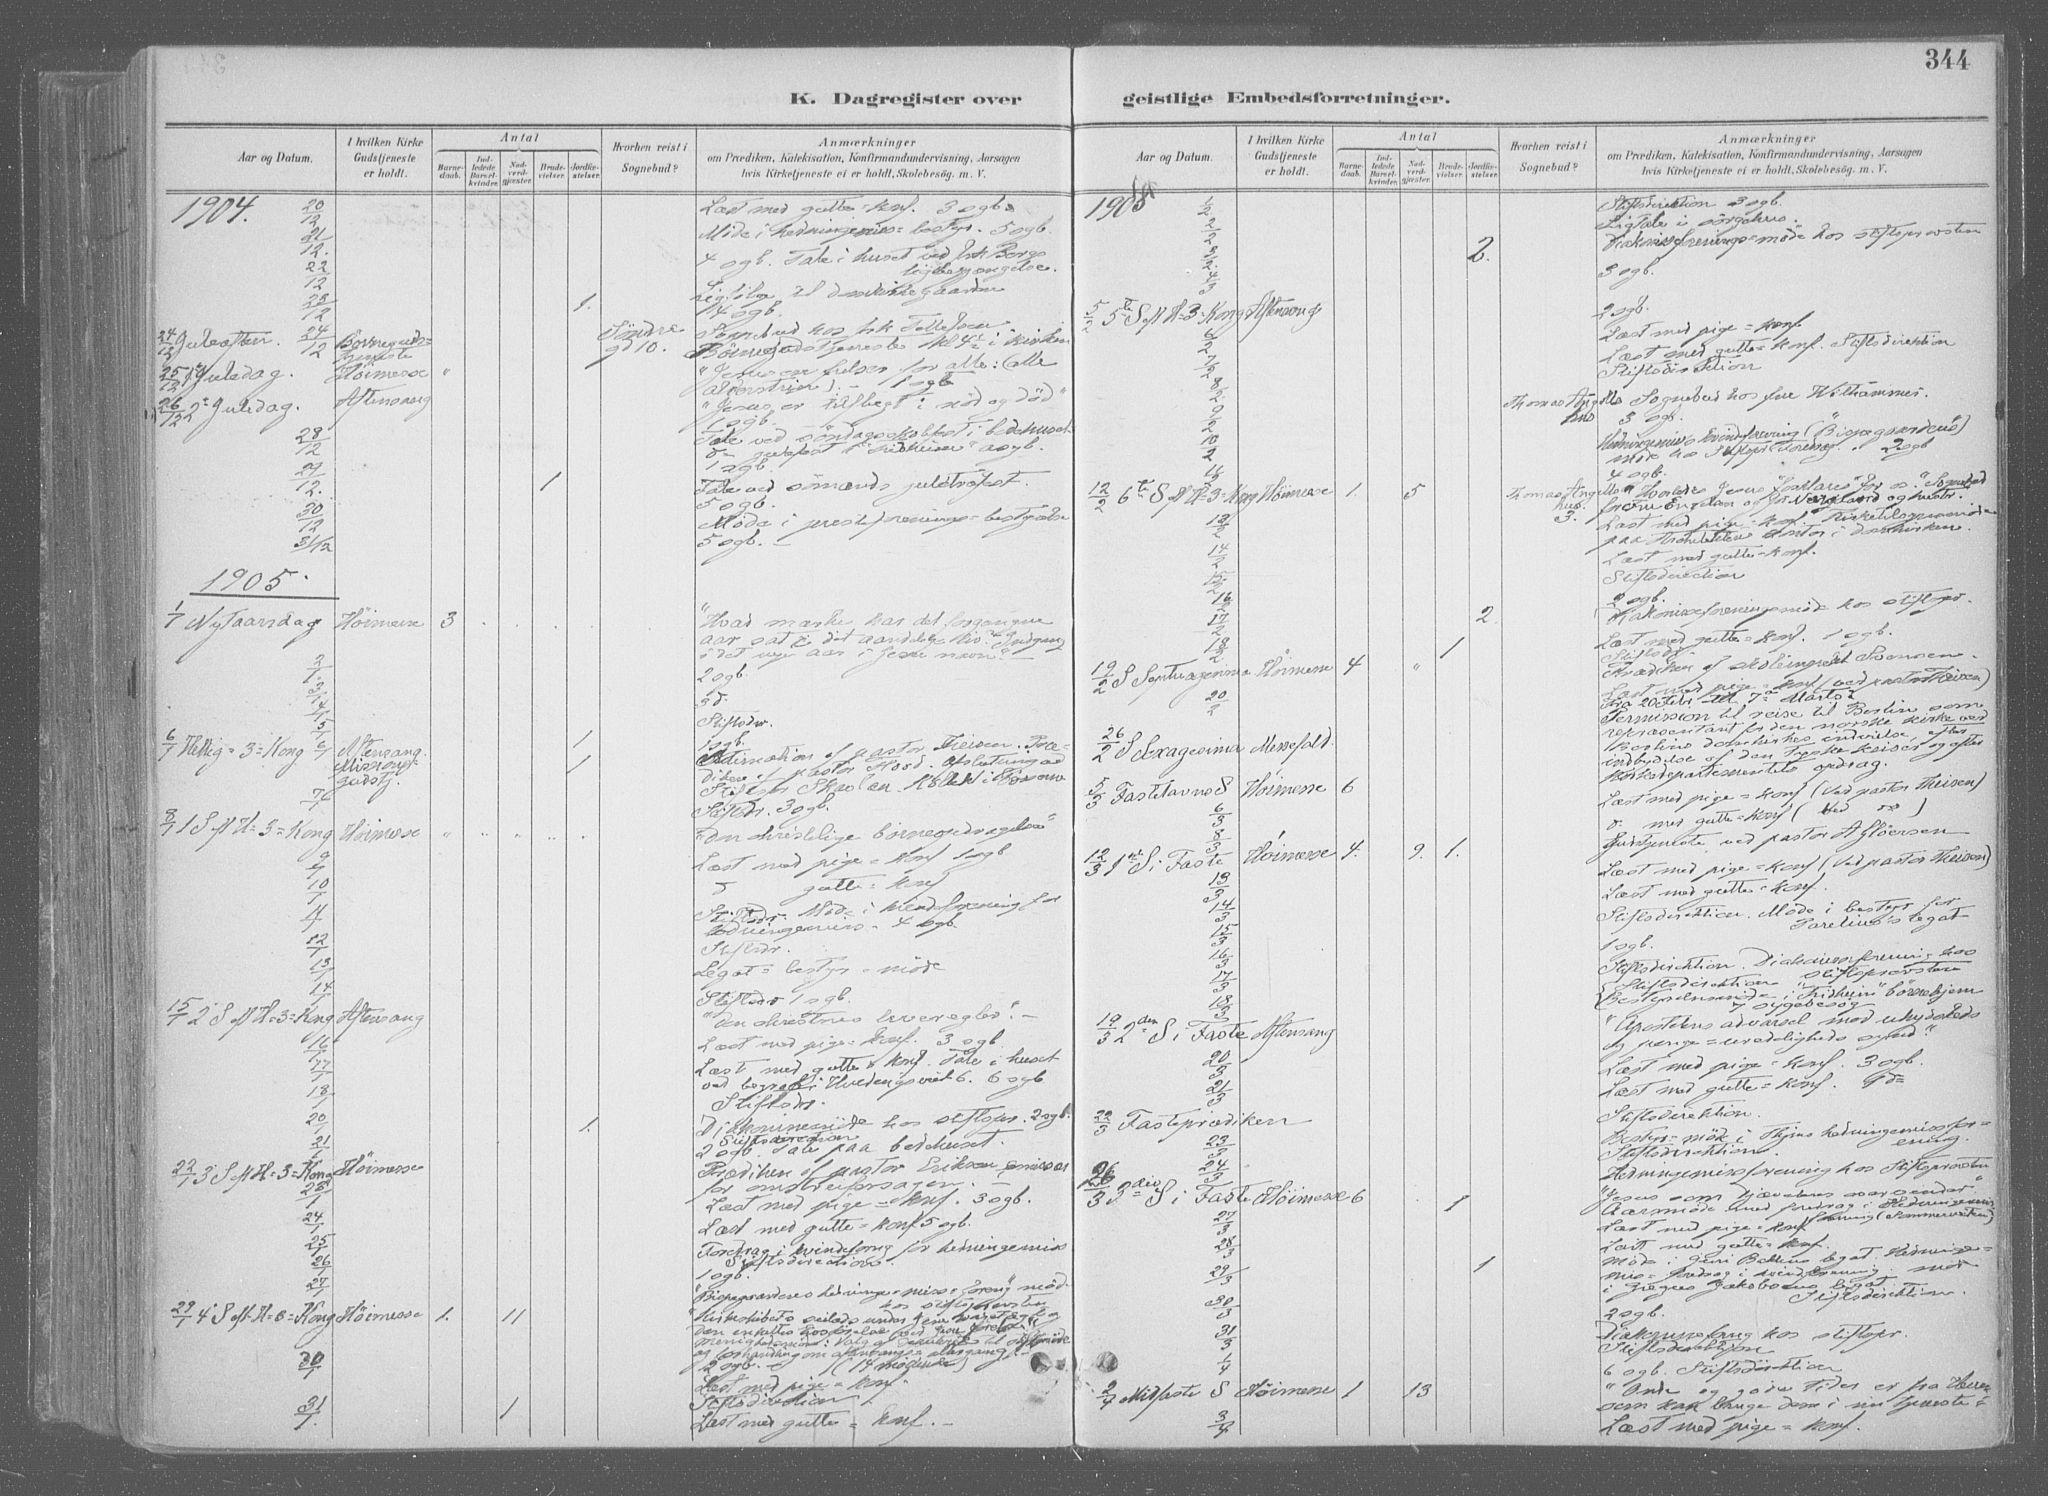 SAT, Ministerialprotokoller, klokkerbøker og fødselsregistre - Sør-Trøndelag, 601/L0064: Ministerialbok nr. 601A31, 1891-1911, s. 344